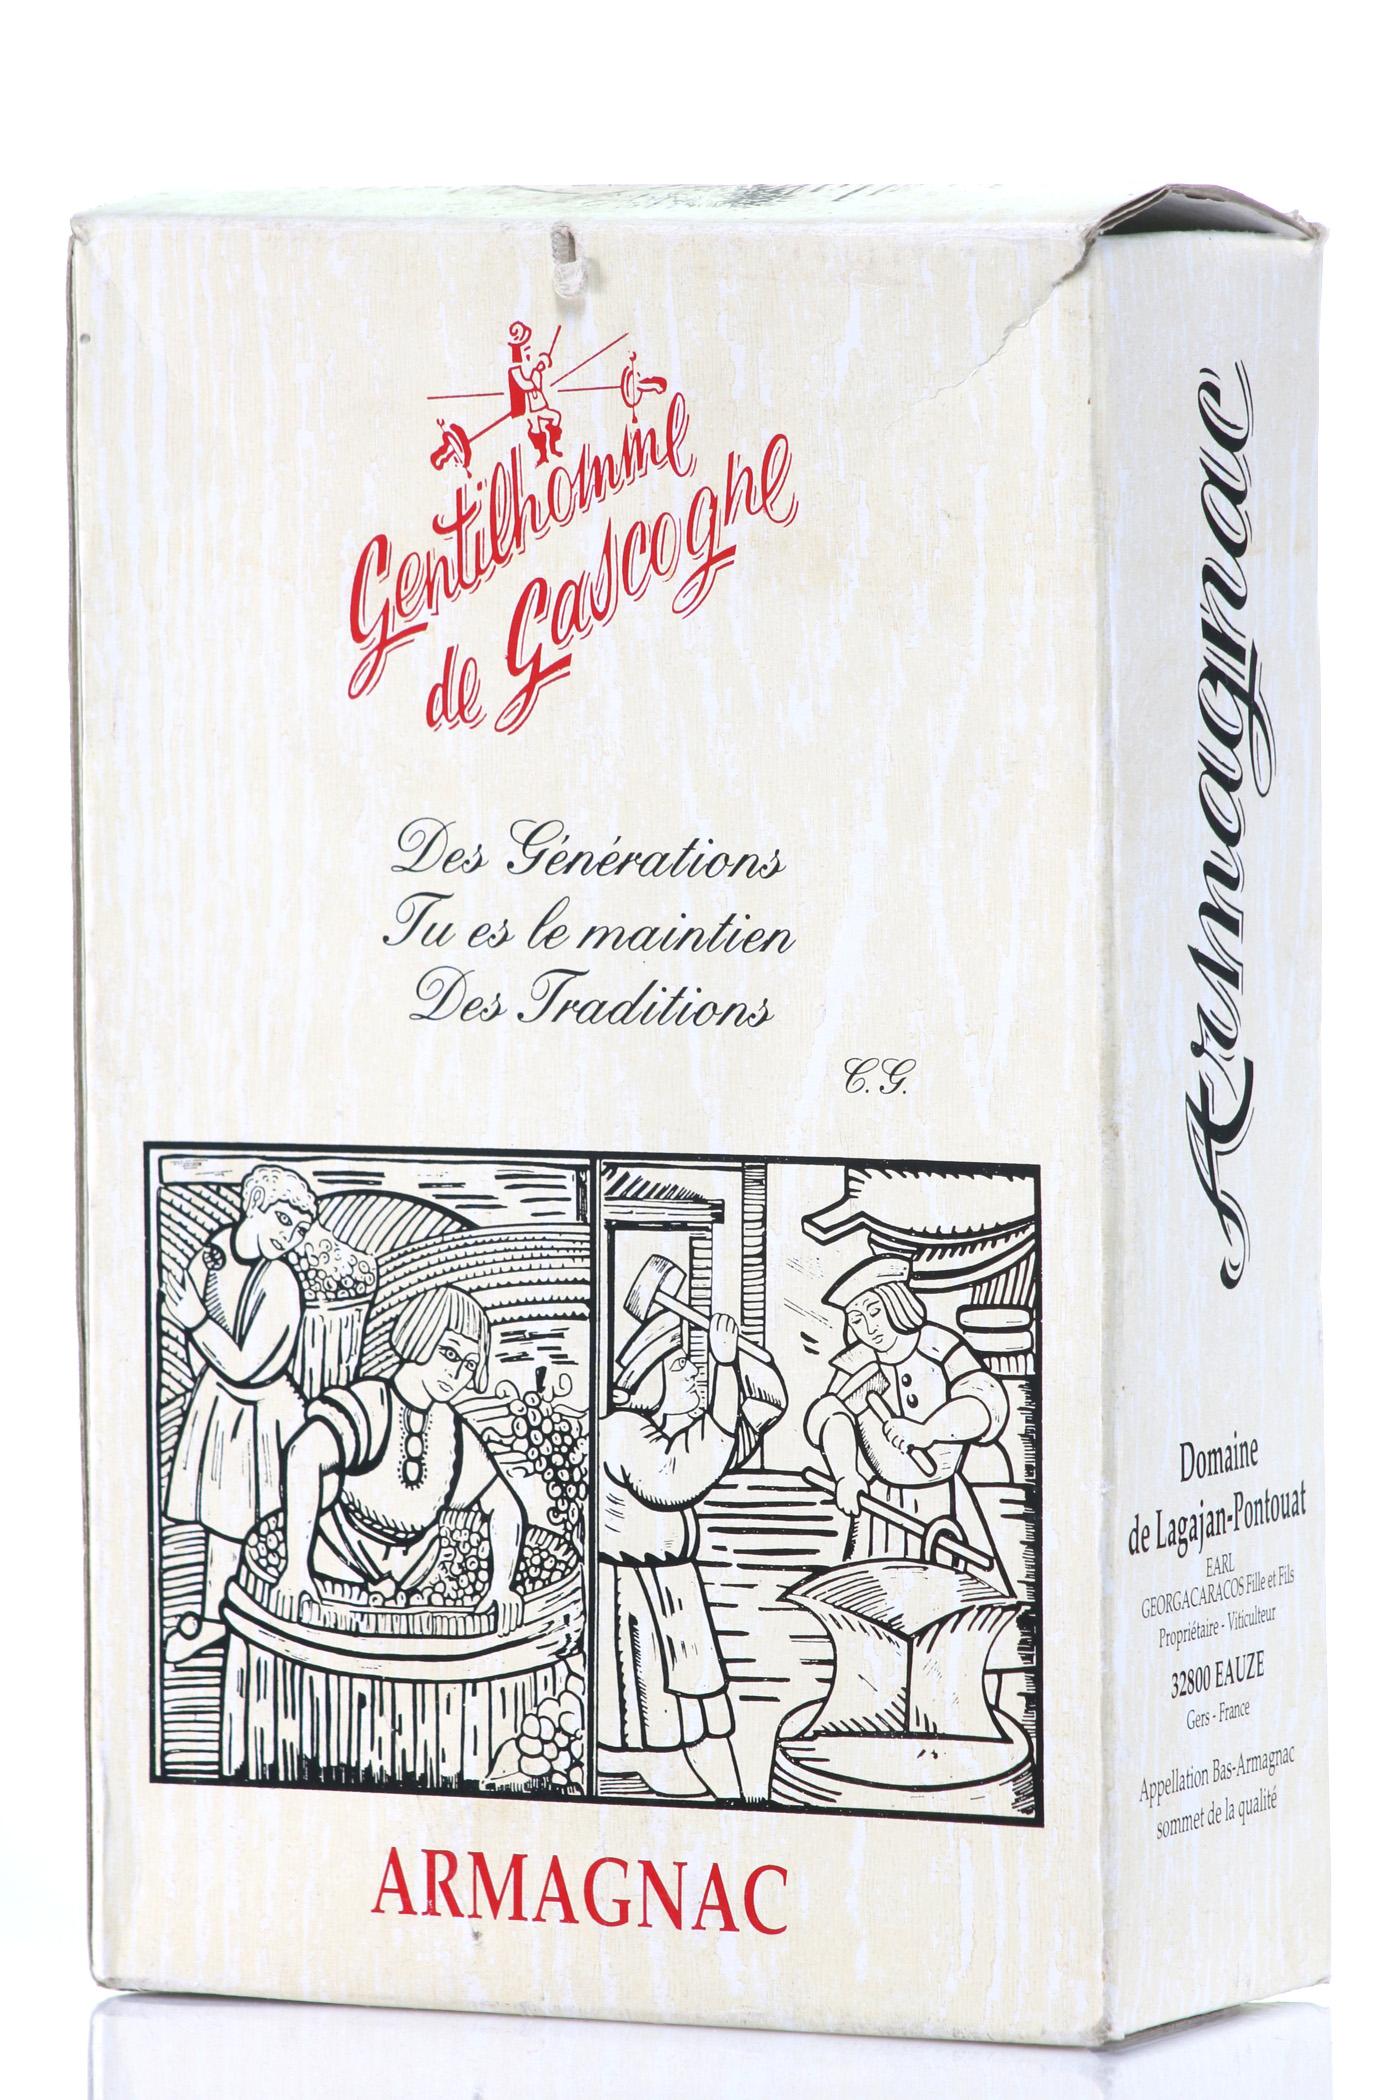 Armagnac 1983 Domaine de Lagajan-Pontouat